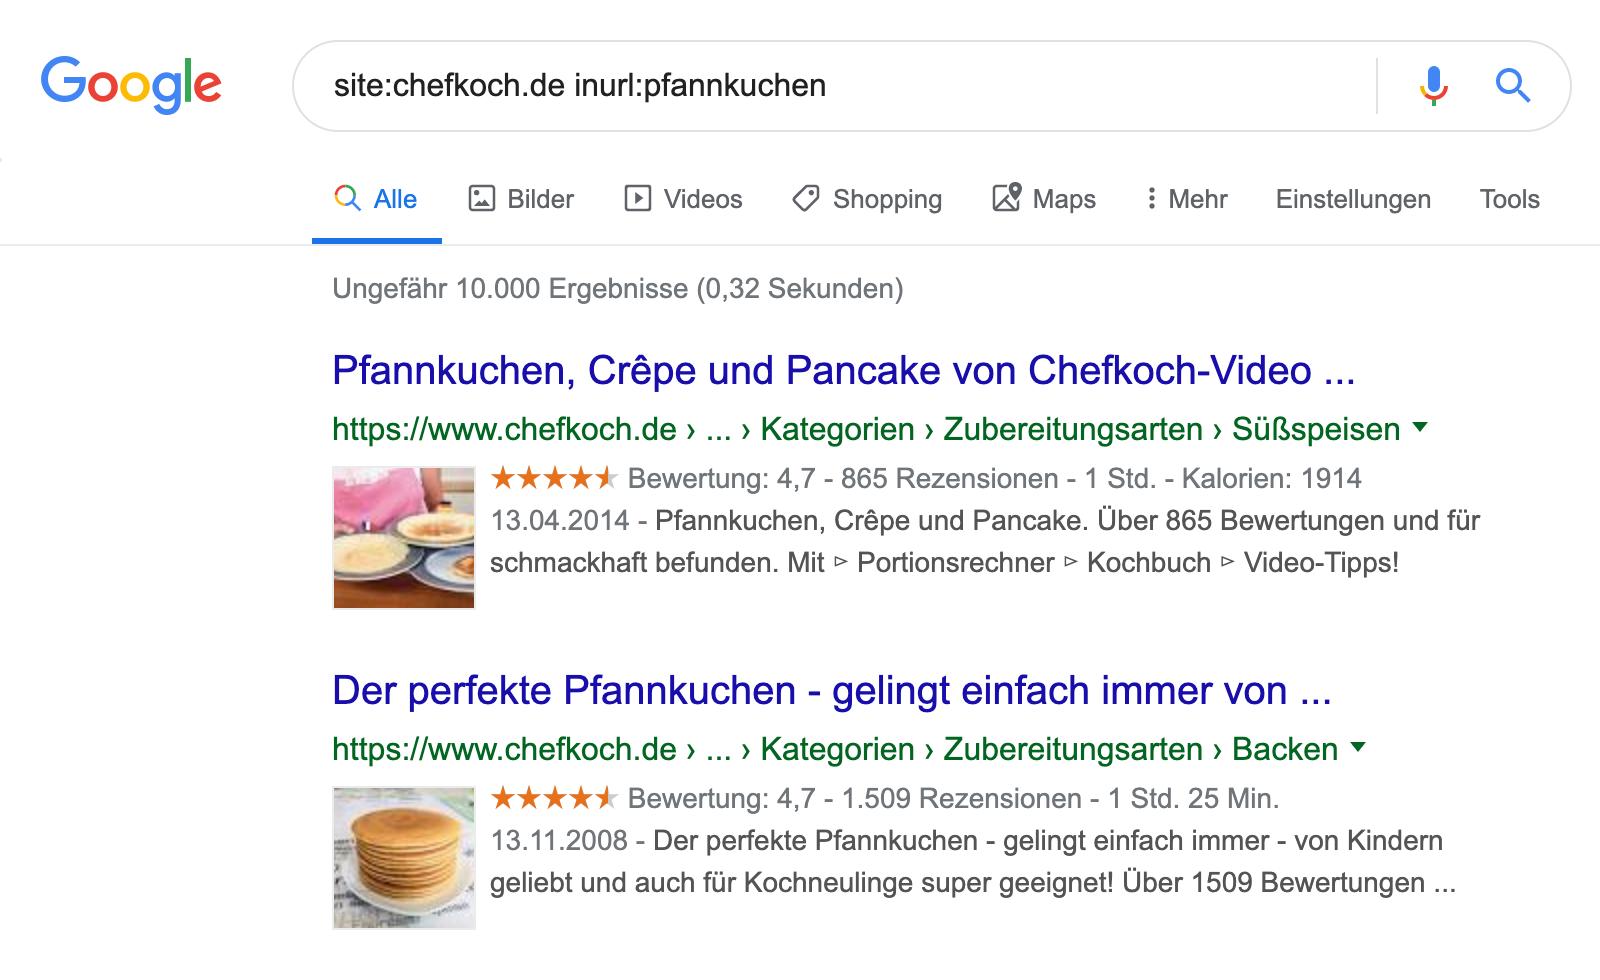 """Google Suchergebnis für die Anfrage """"site:chefkoch.de inurl:pfannkuchen"""": es werden ungefähr 10.000 Ergebnisse angezeigt."""